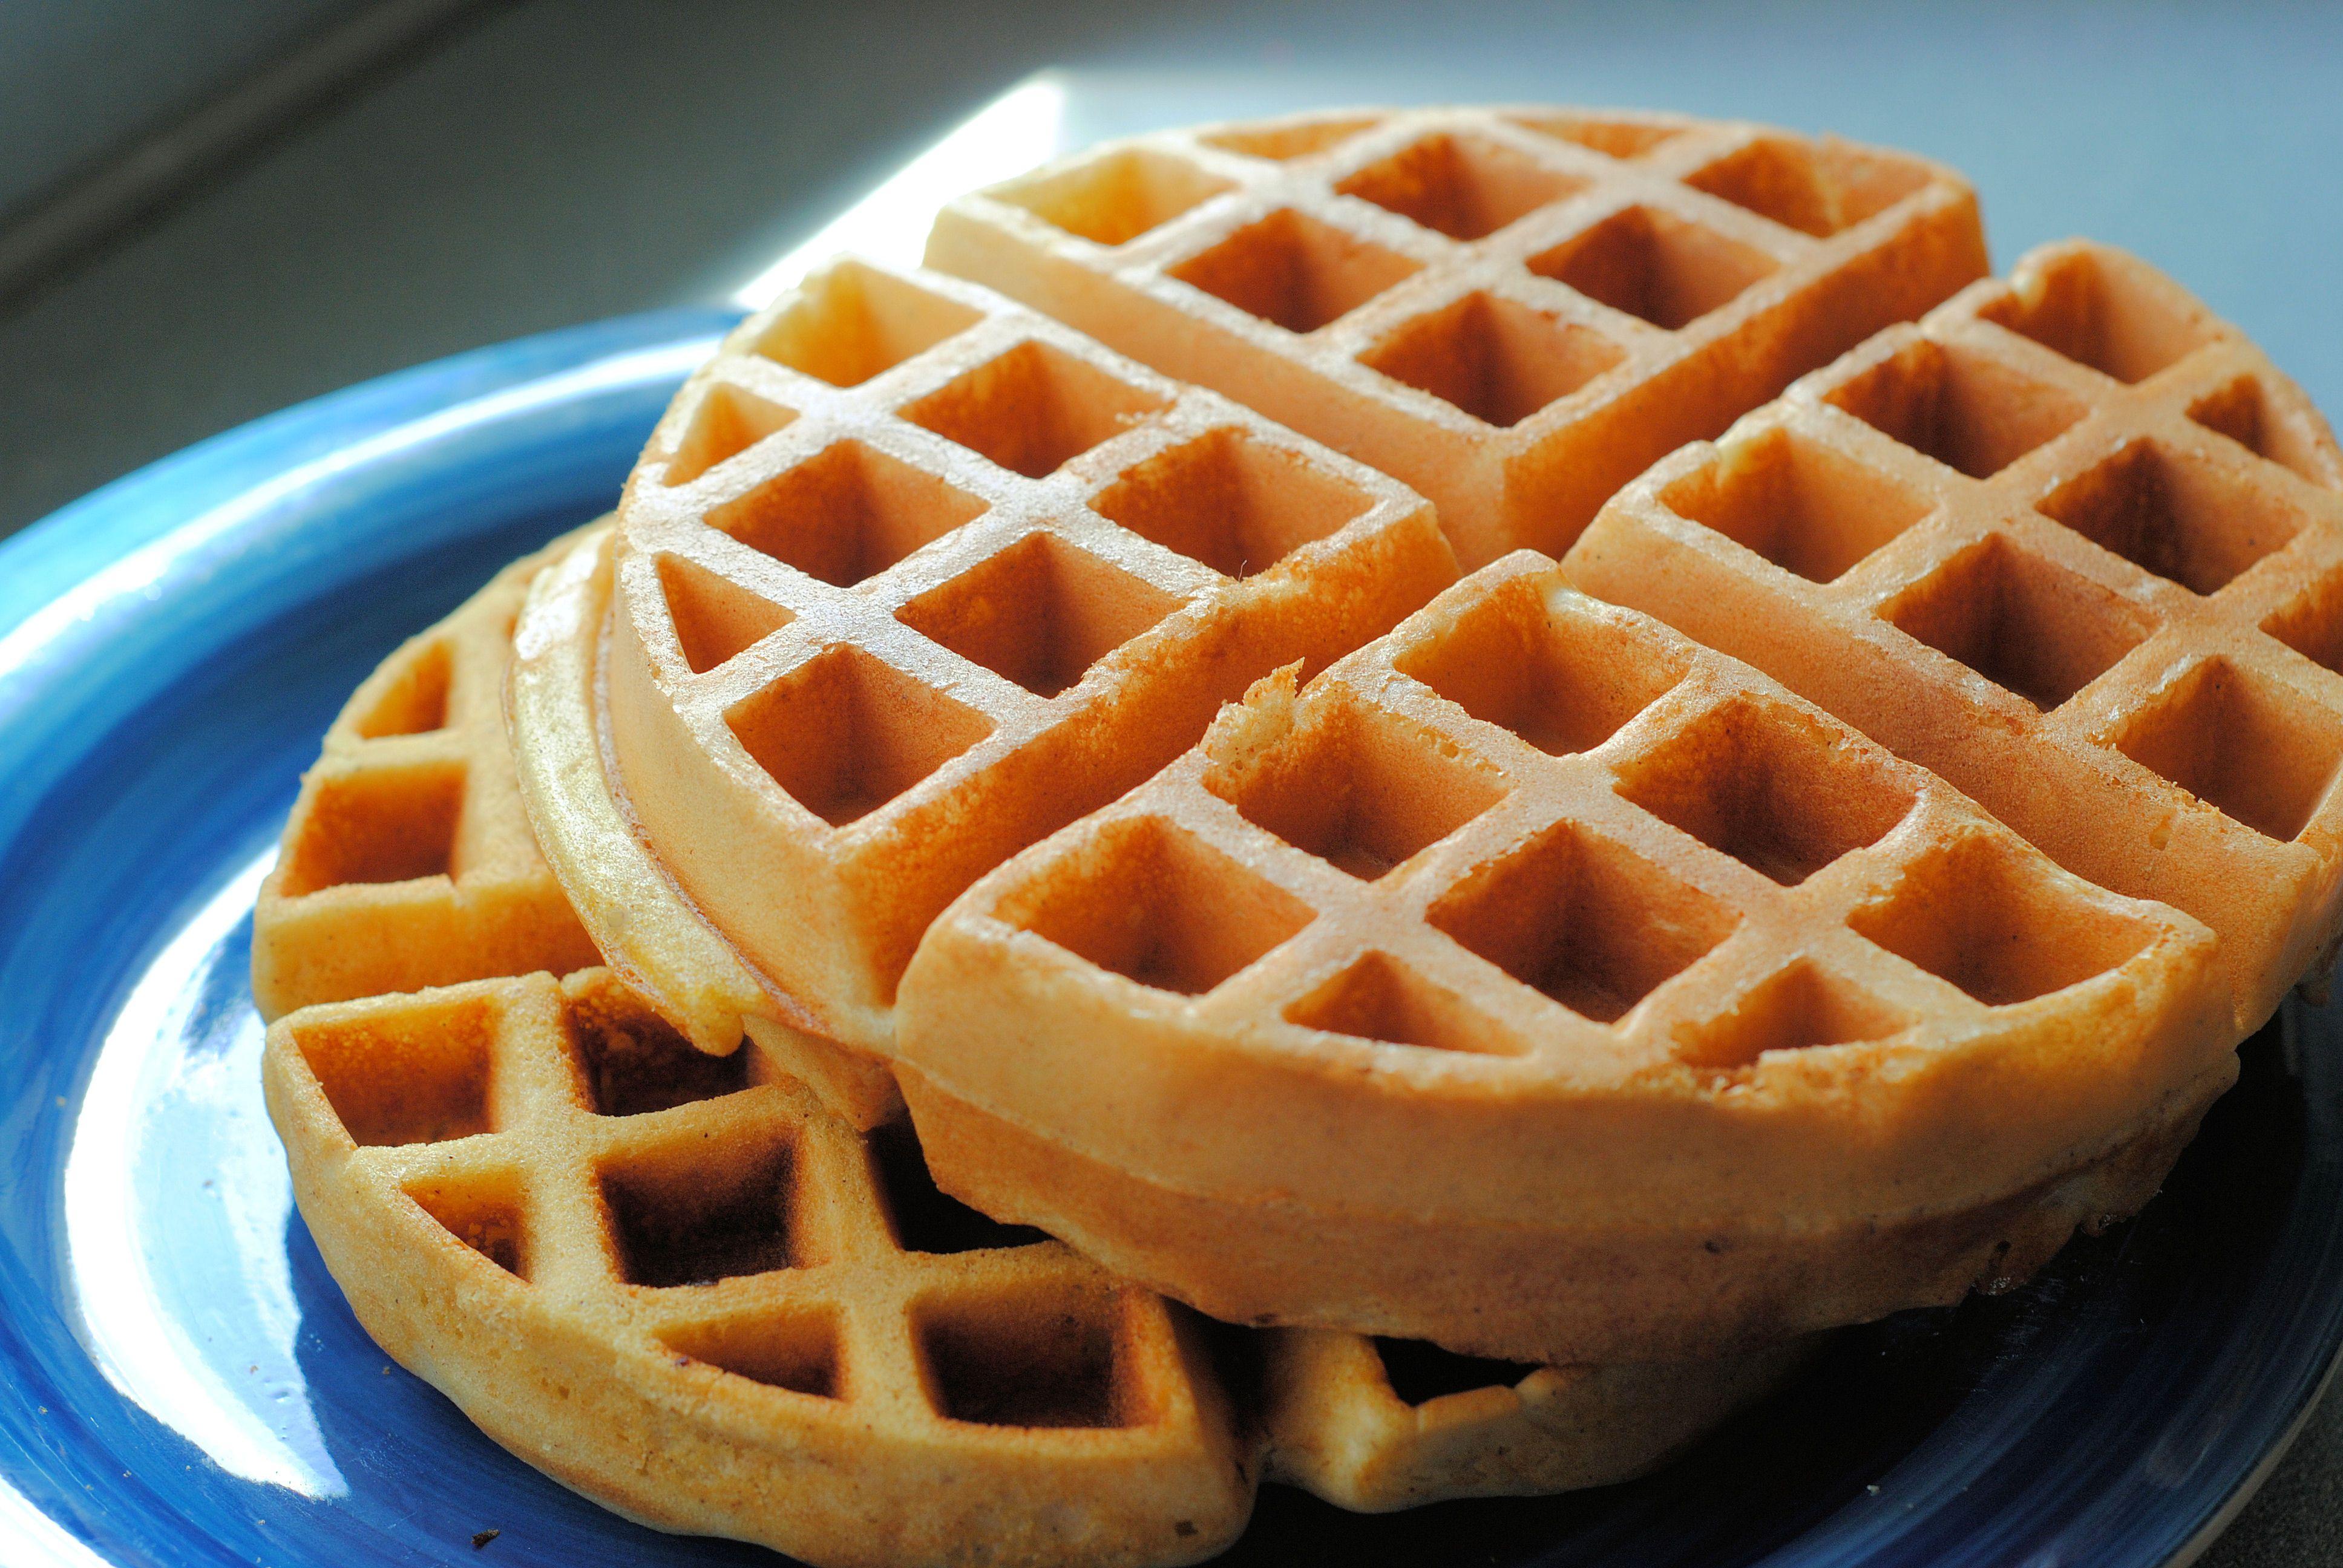 Best 25+ Best waffle mix ideas on Pinterest | Homemade ...